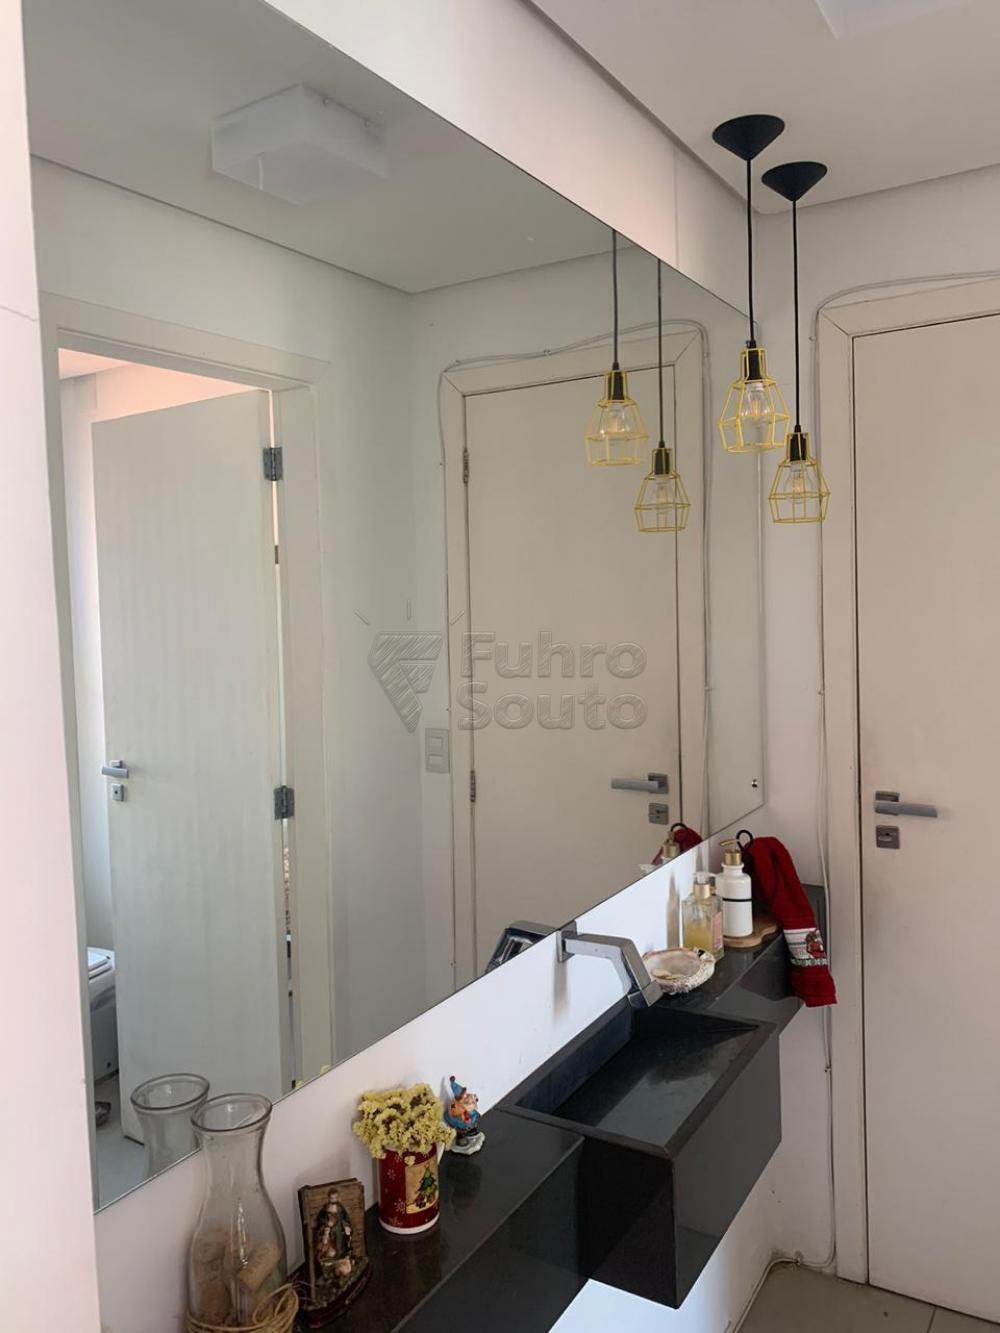 Excelente casa na Rua General Argolo centro Pelotas. Frente ,3 dormitórios,1 lavabo Fundos TODO REFORMADO, 1 dormitório, terraço, 1 lavabo, churrasqueira, lareira externa no terraço, garagem para 4 carros